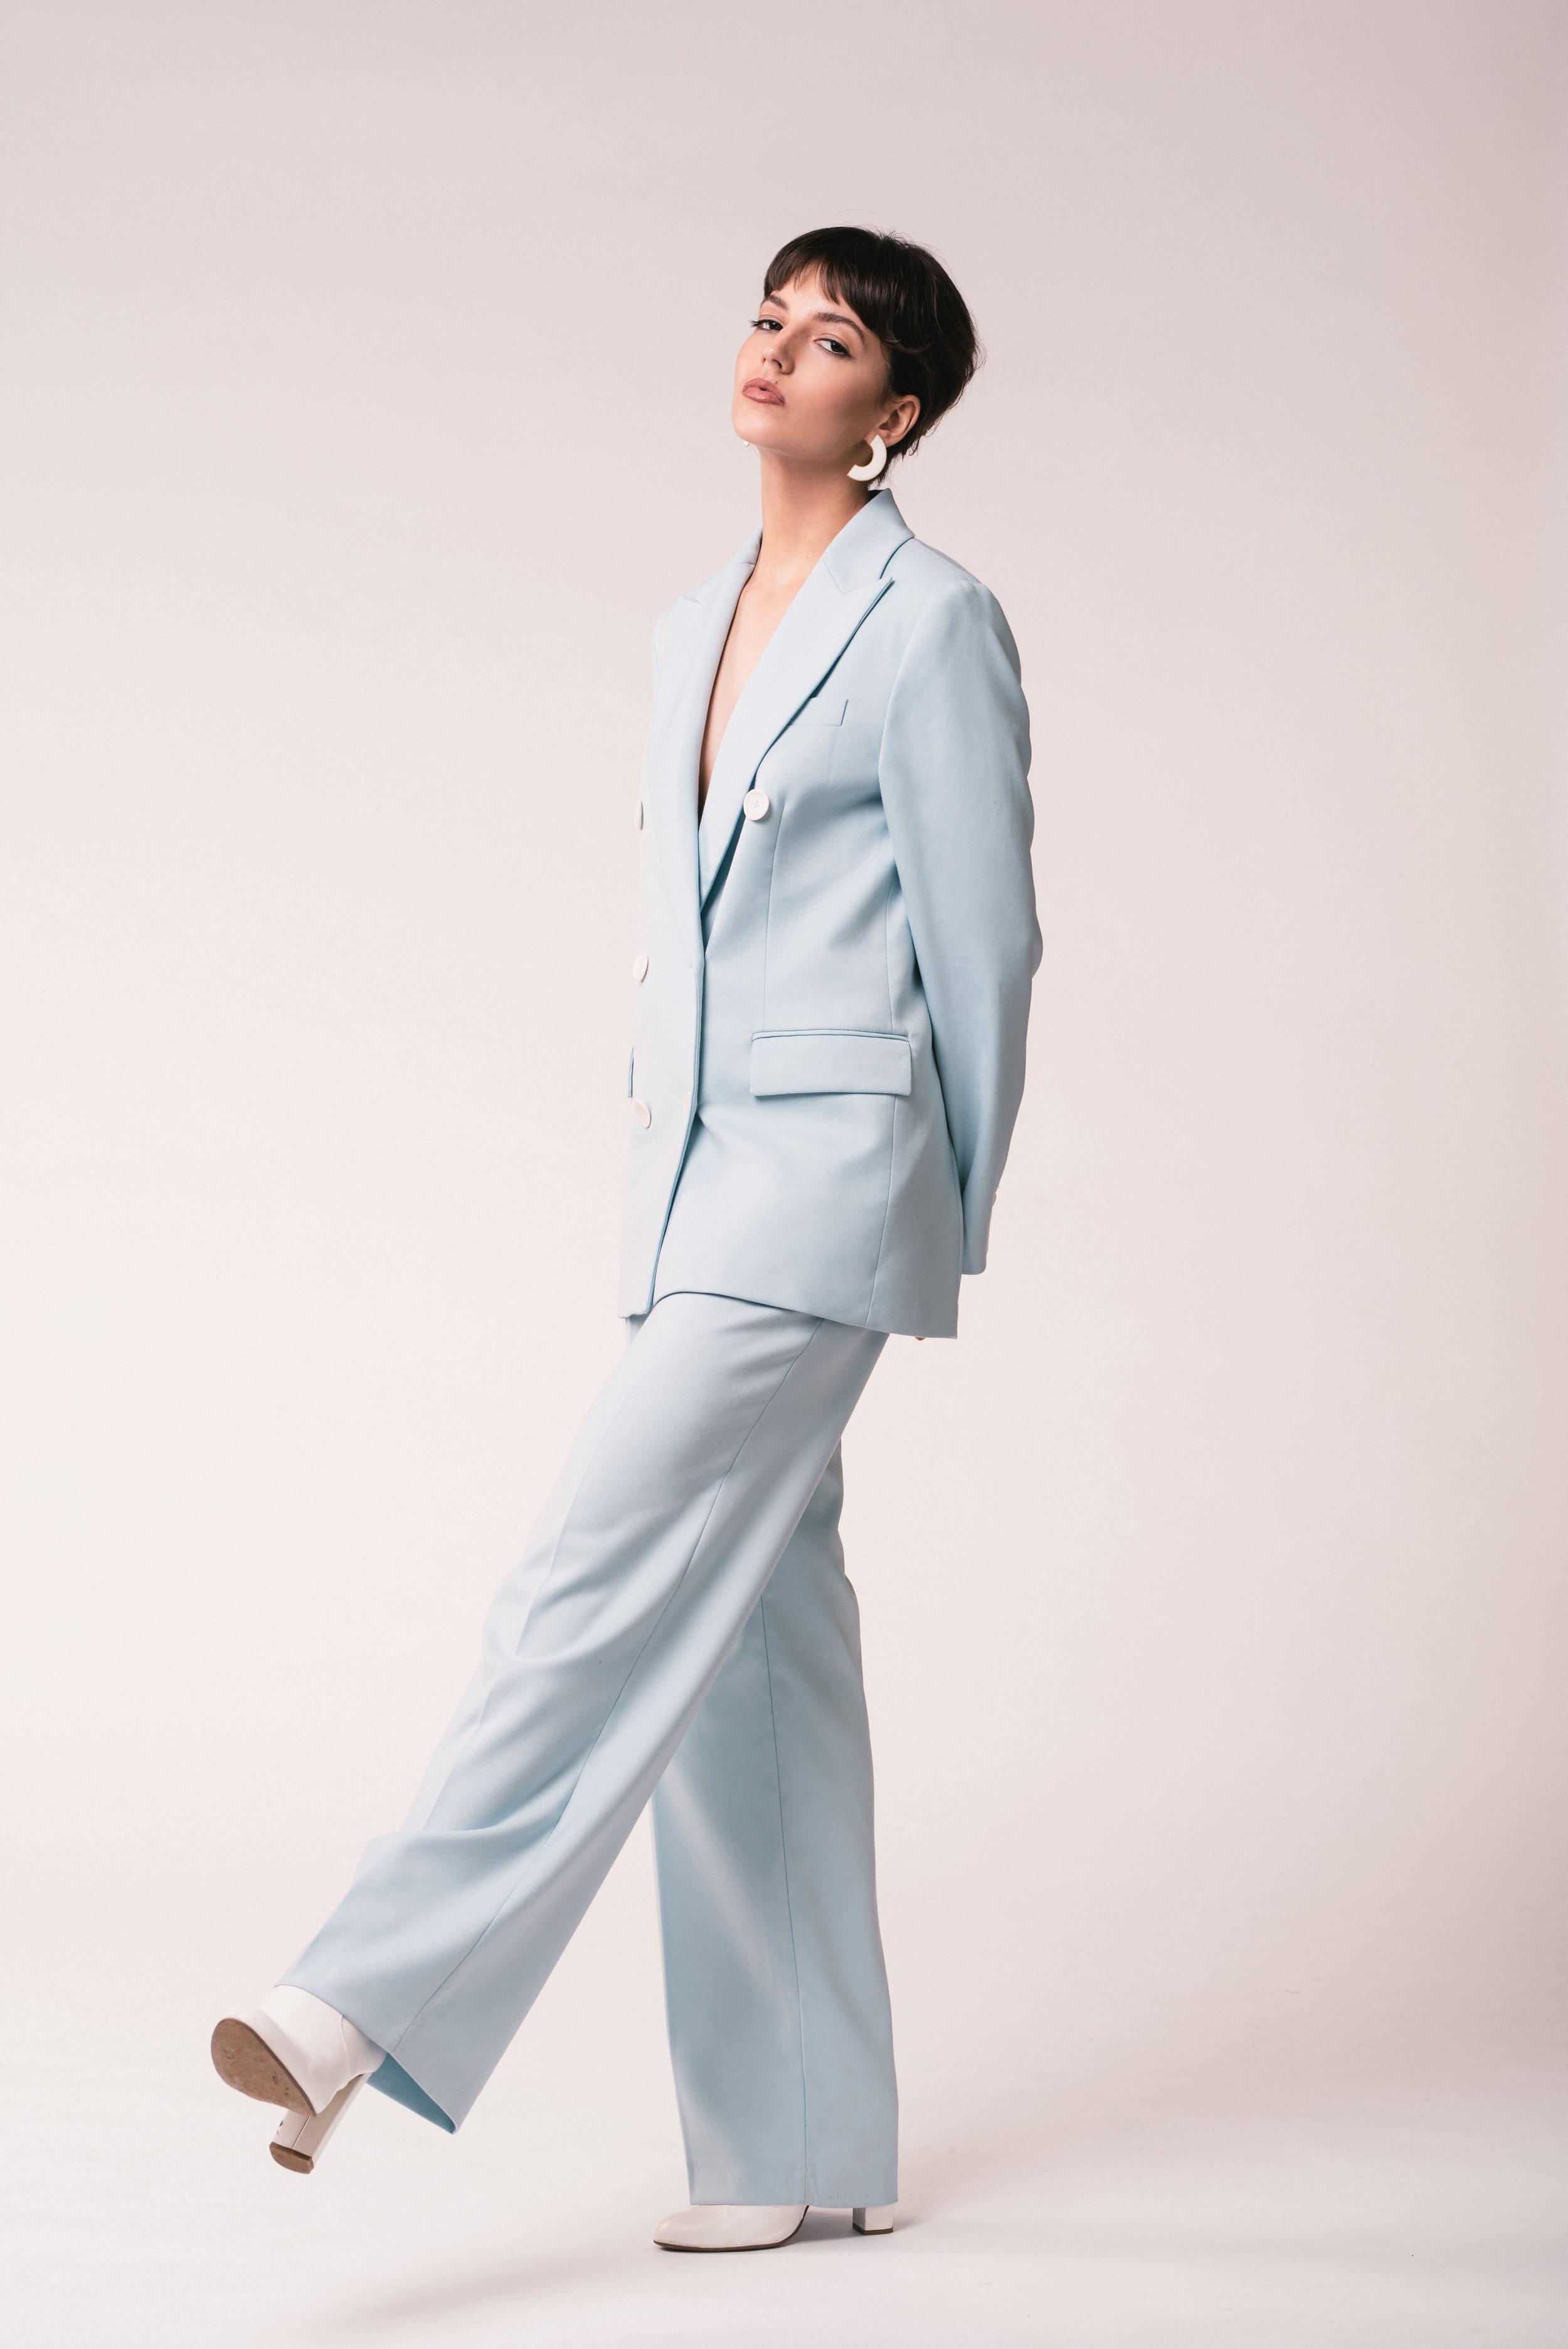 Suit: Zara  Boots: Steve Madden